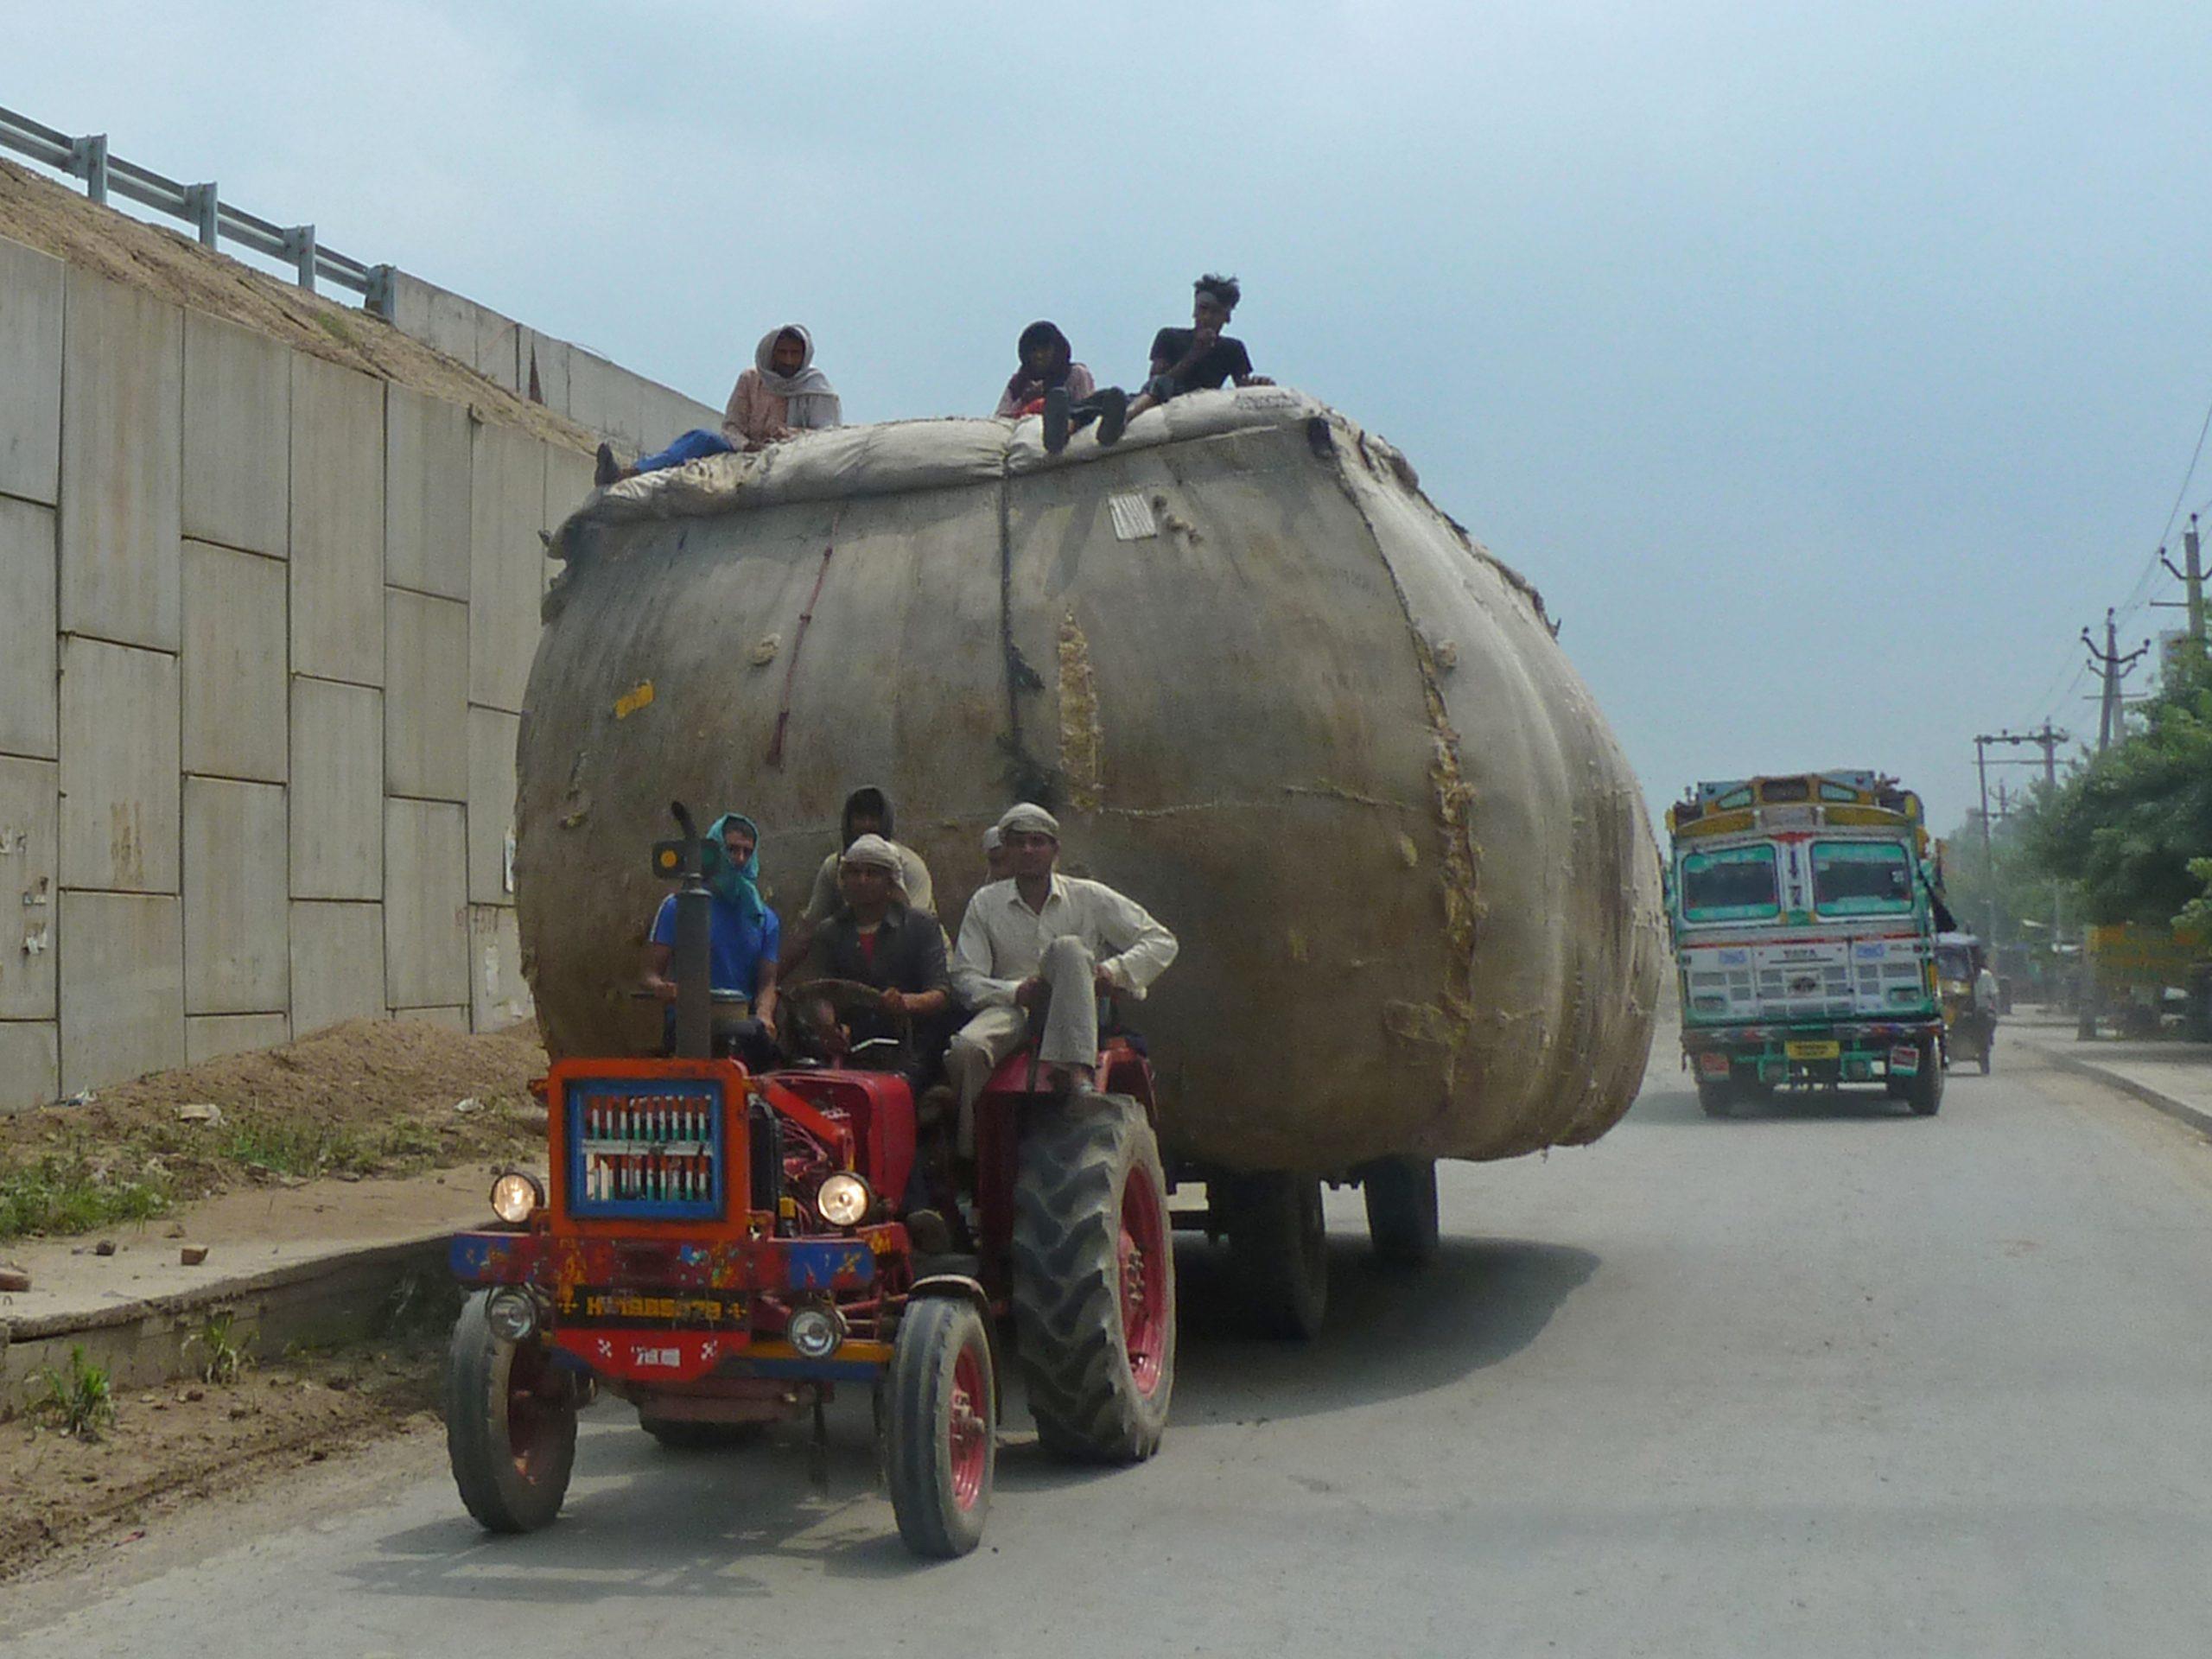 Radreise Ladakh 2012 - Traktor mit Baumwolle beladen